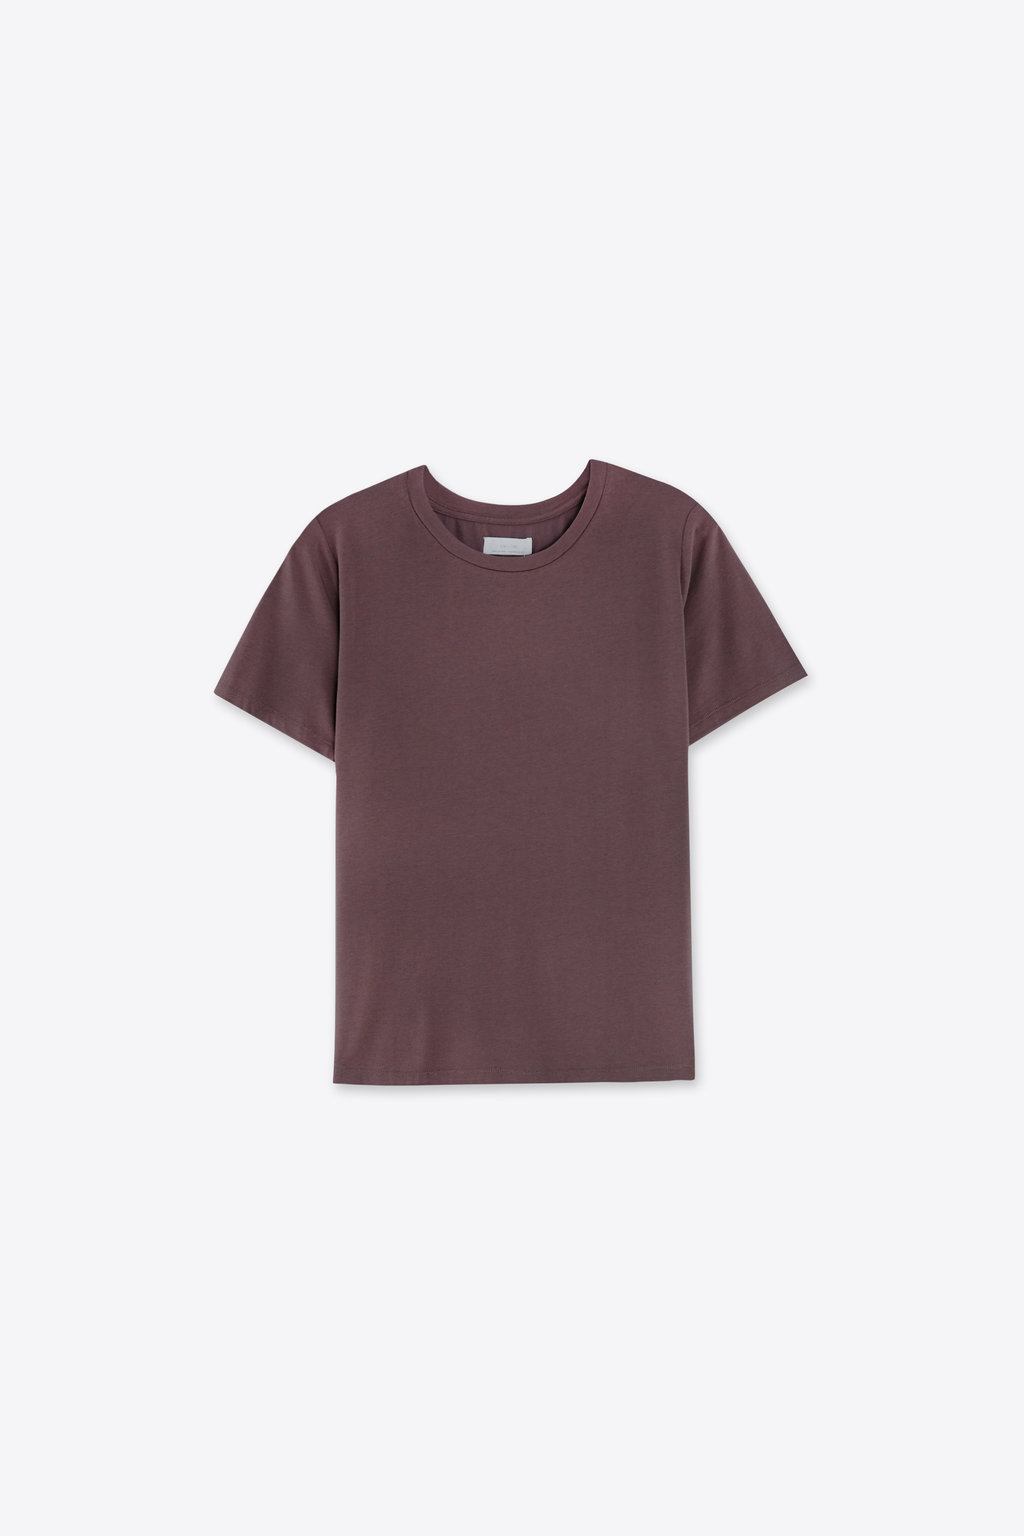 TShirt 2983 Purple 18